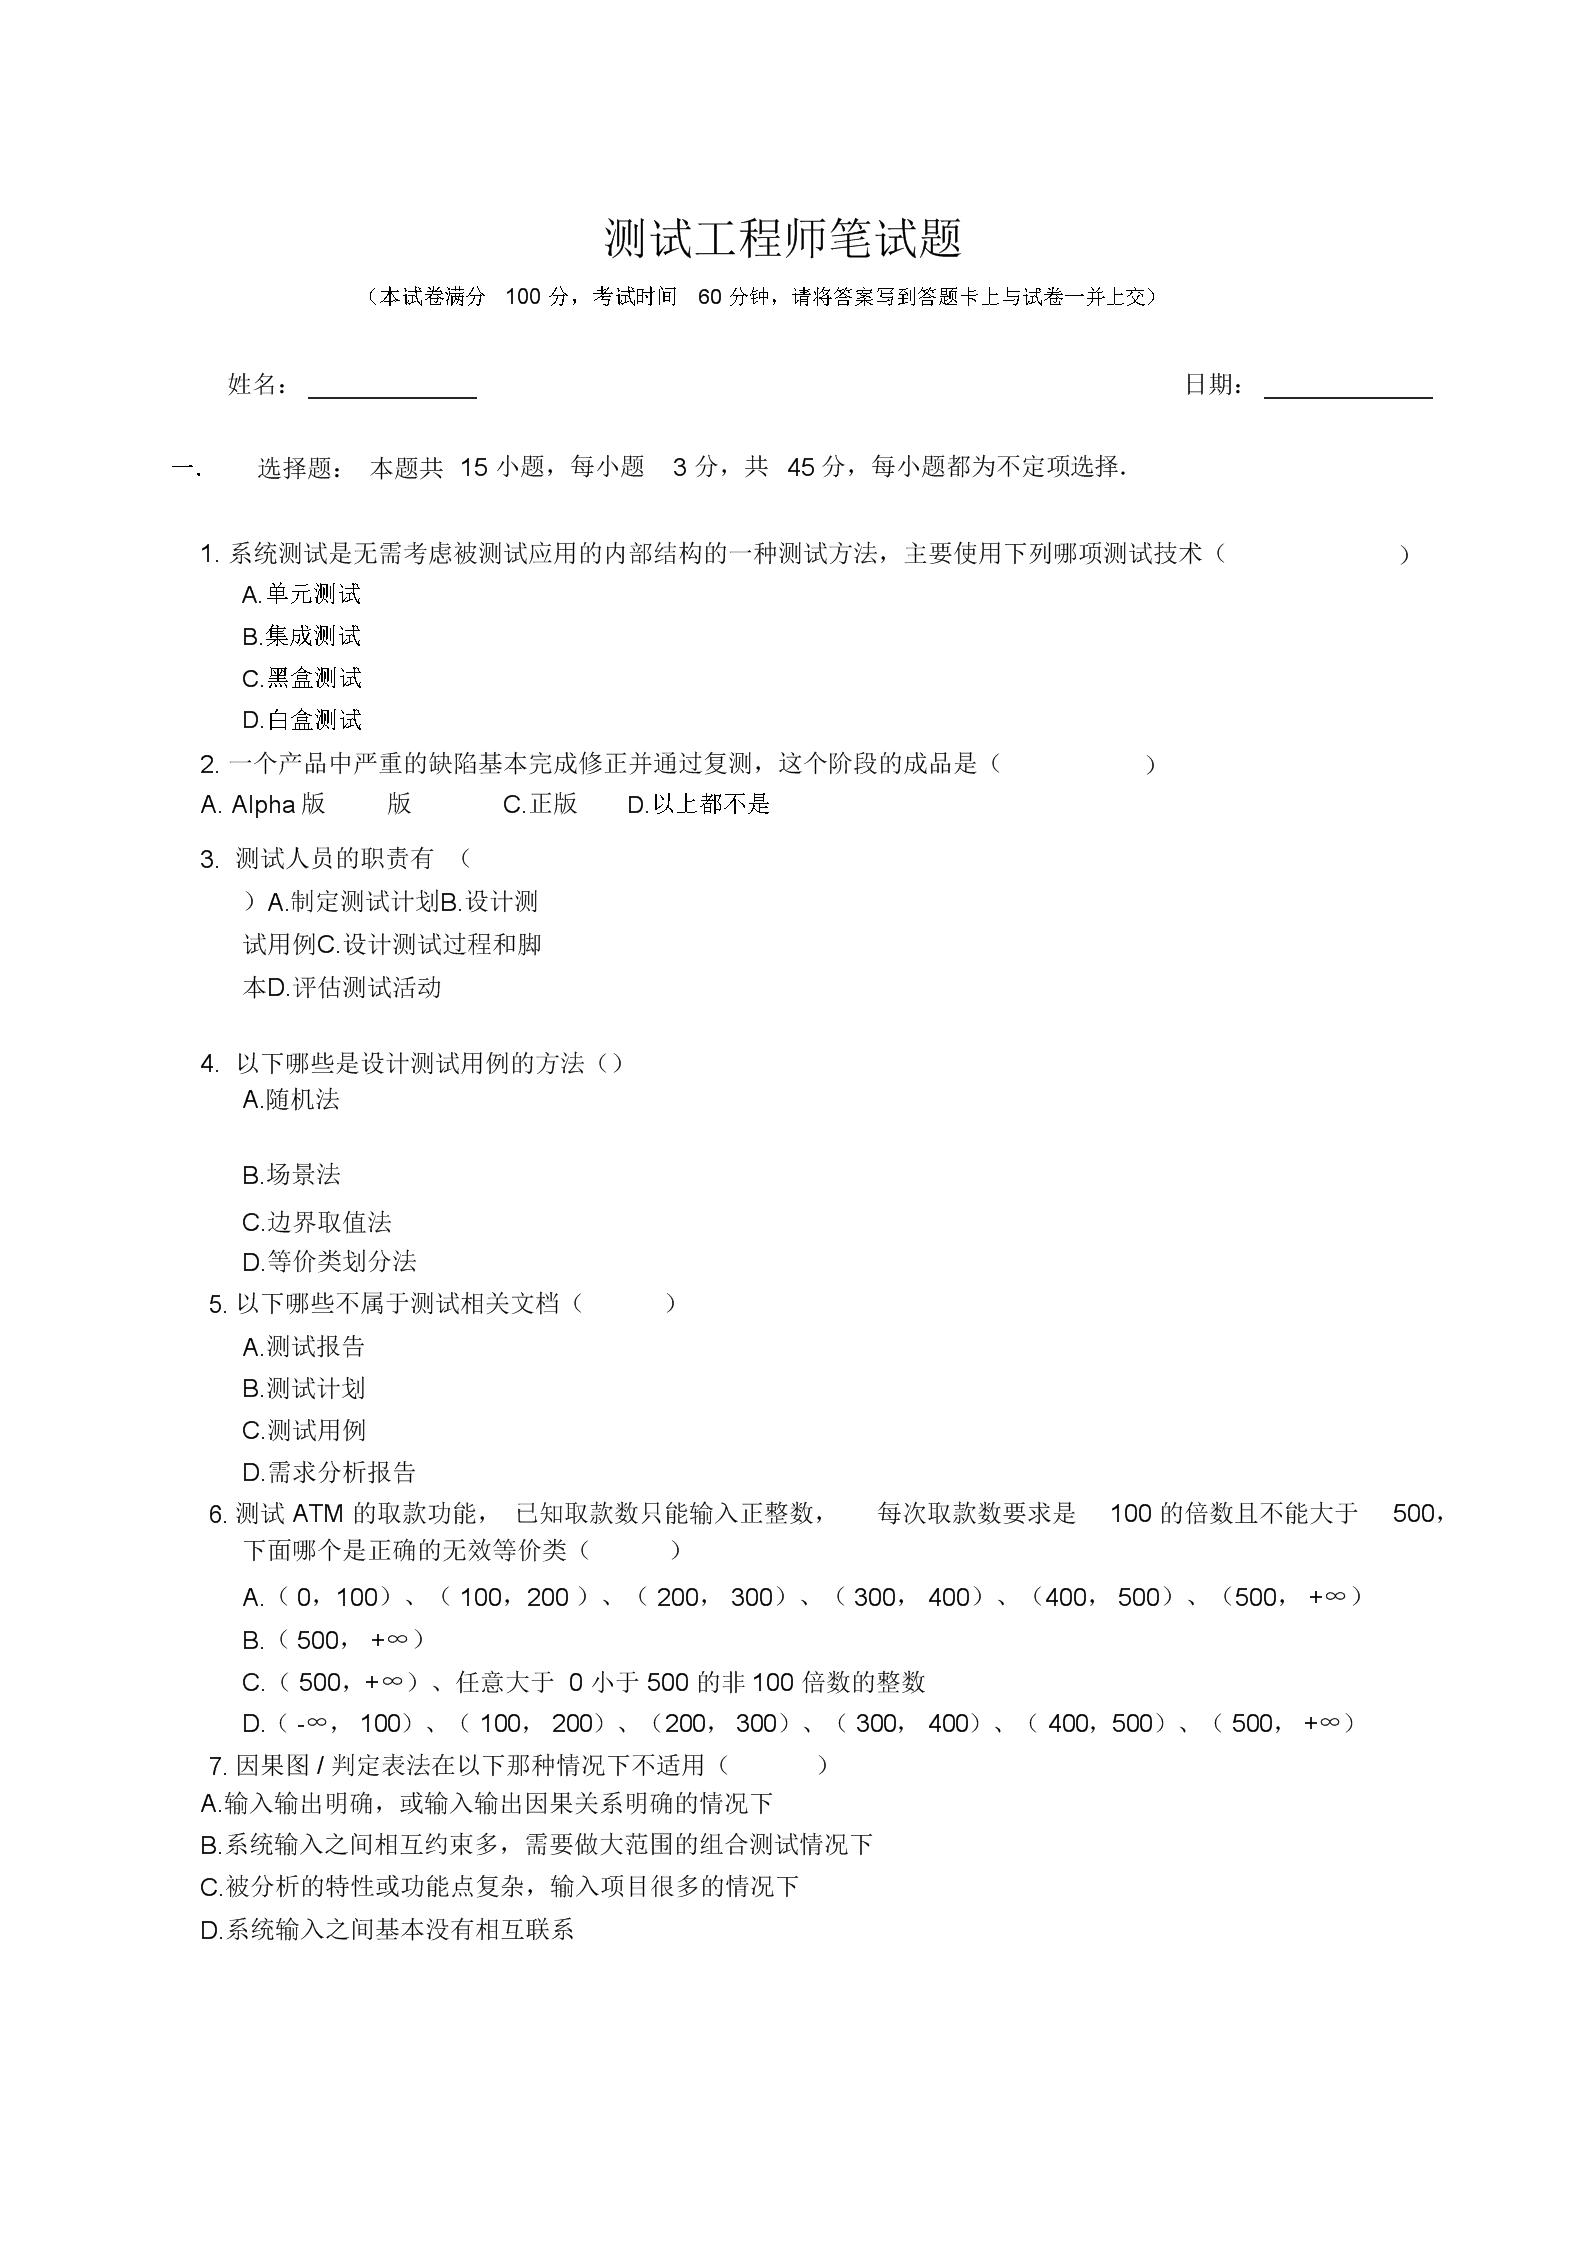 测试工程师面试笔试题.doc